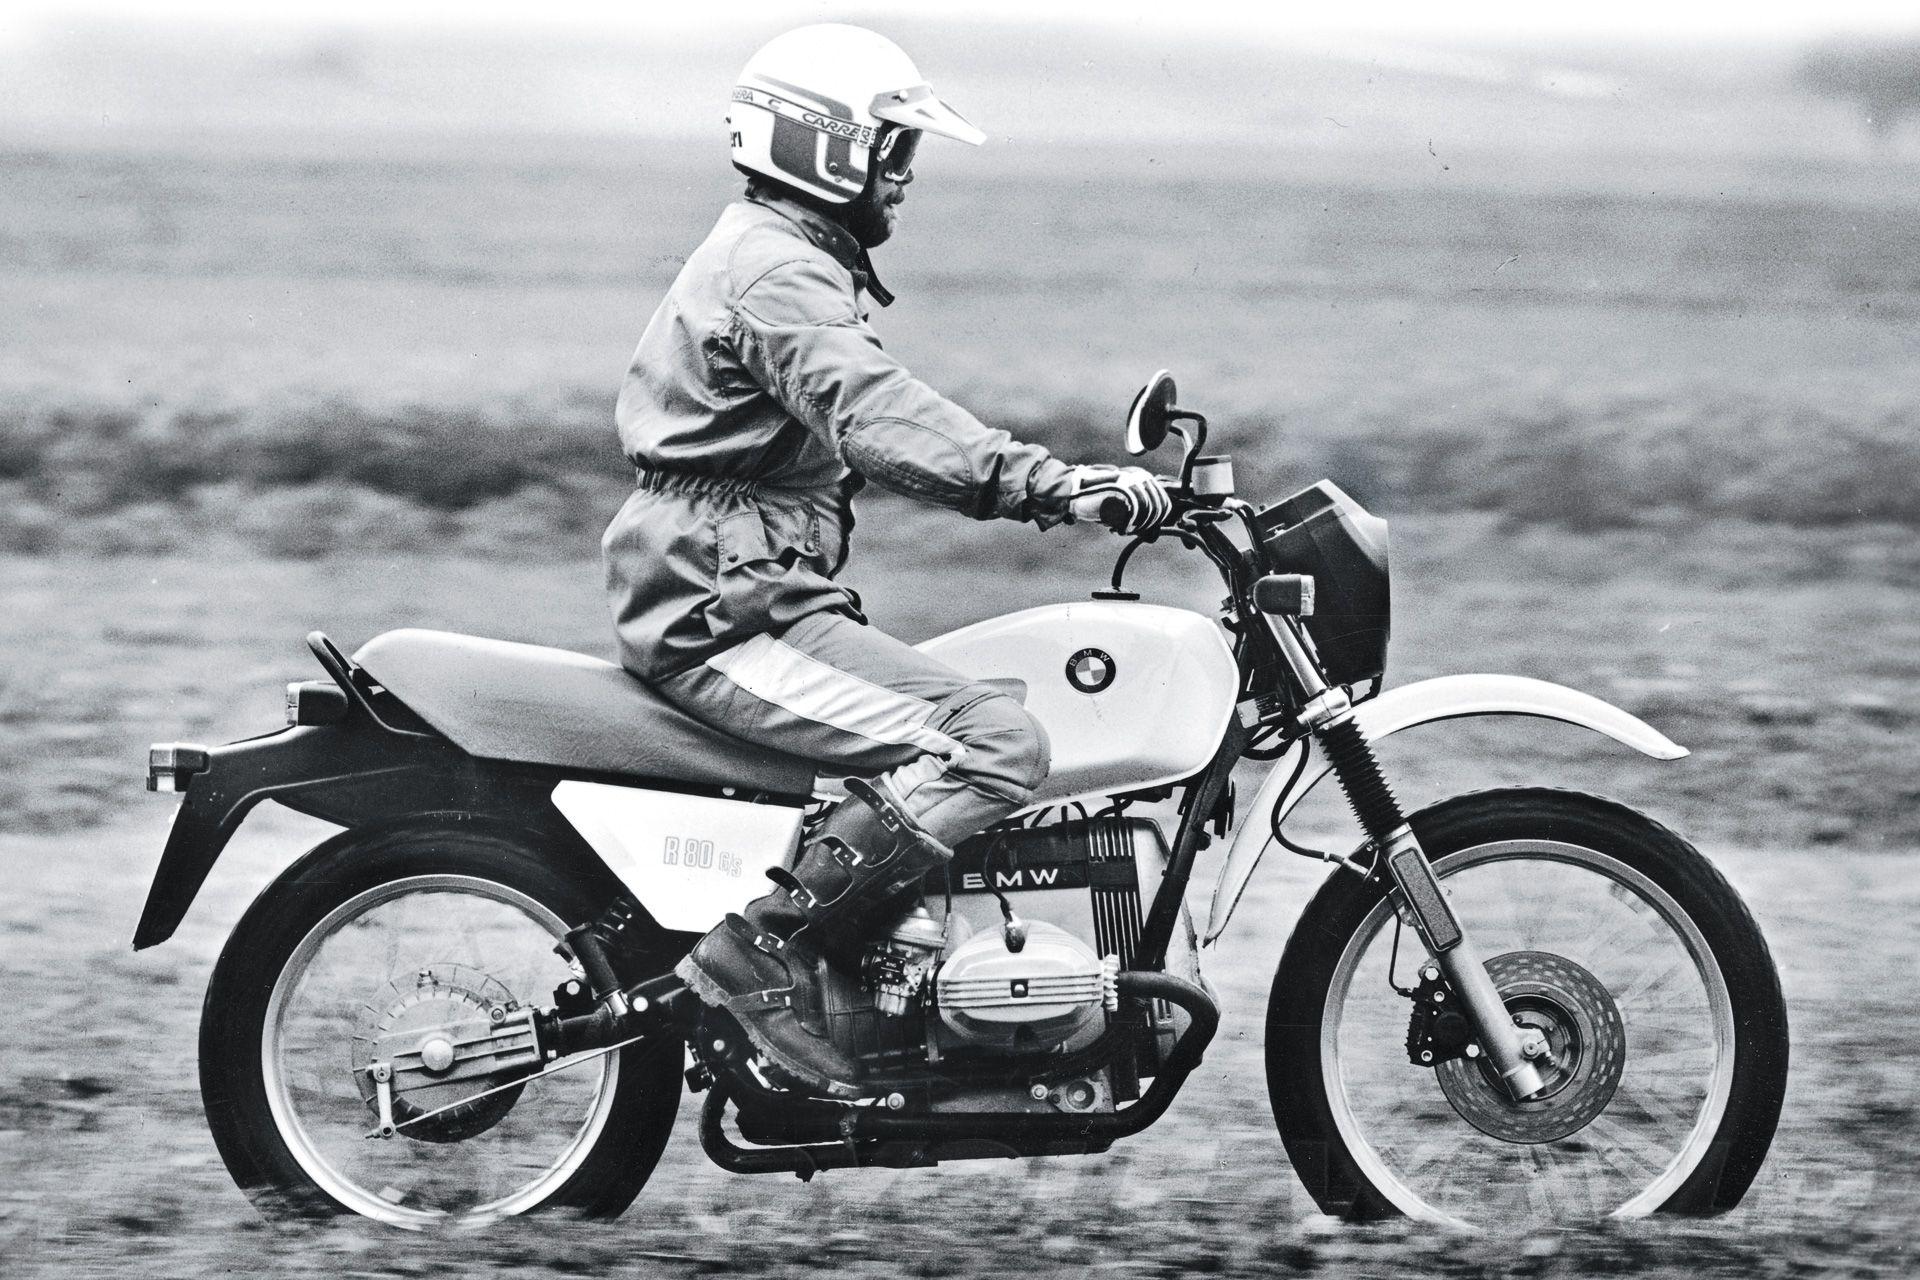 Chiếc Adventure đầu tiên trên thế giới được sản xuất vào năm 1981 là BMW R80GS